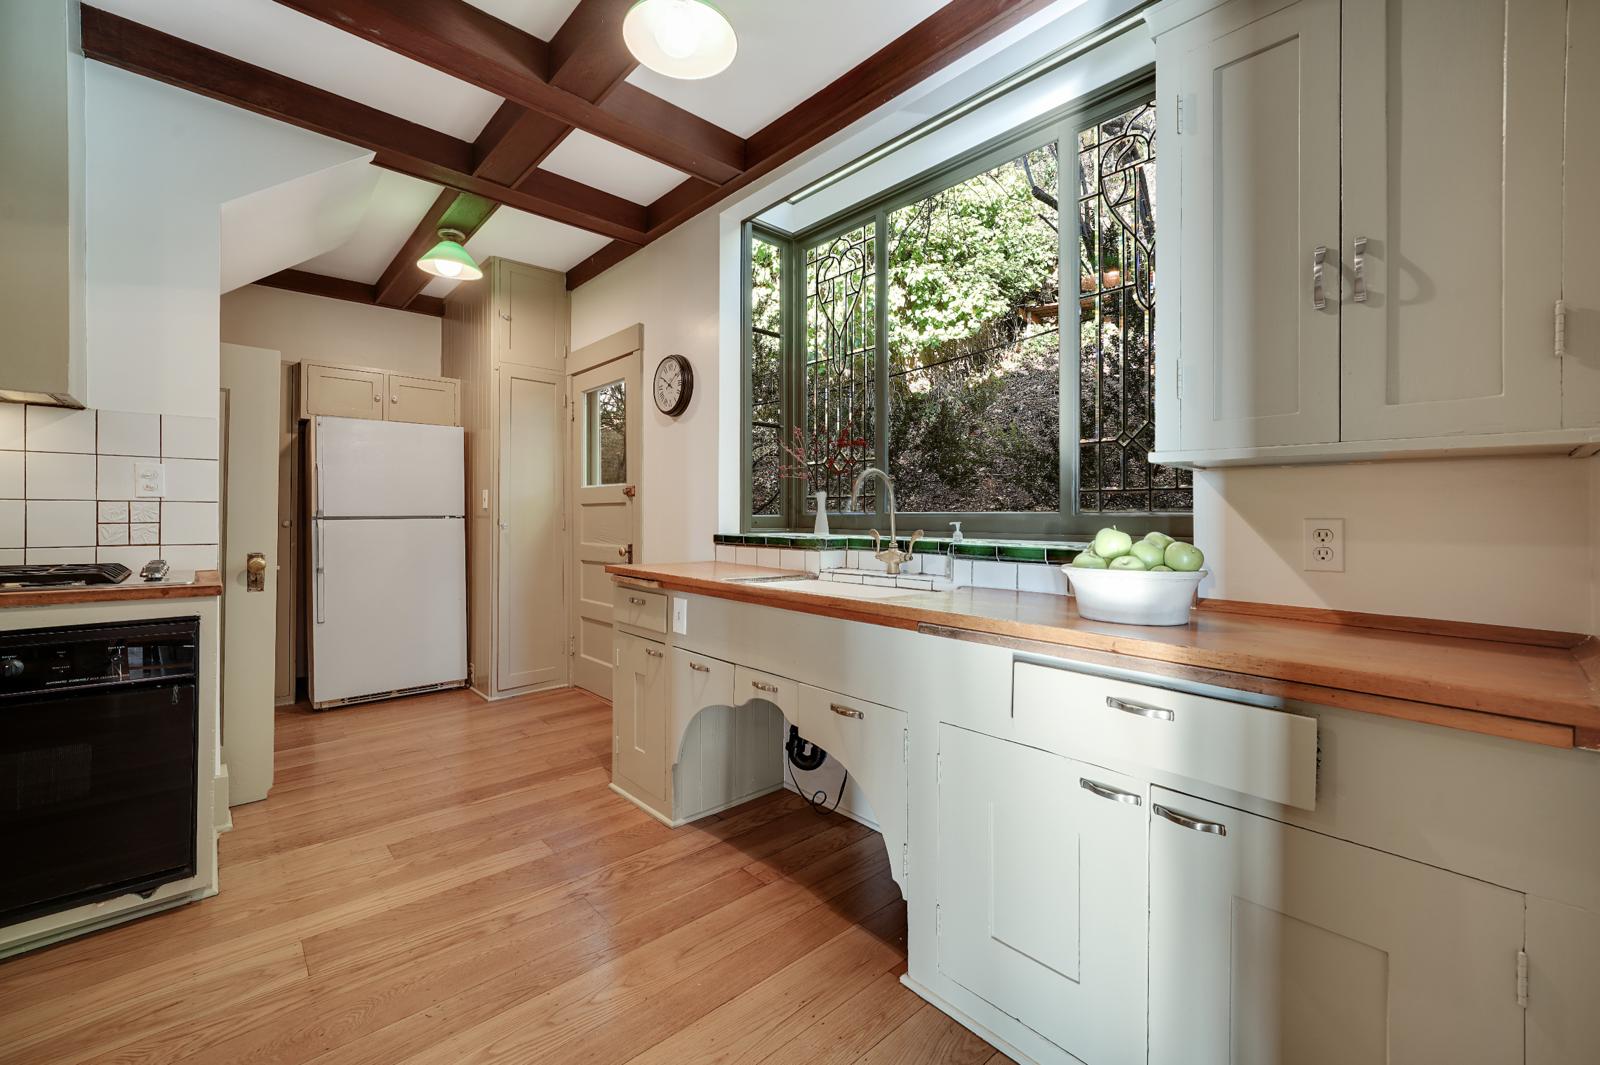 Ericsson-Bray House kitchen